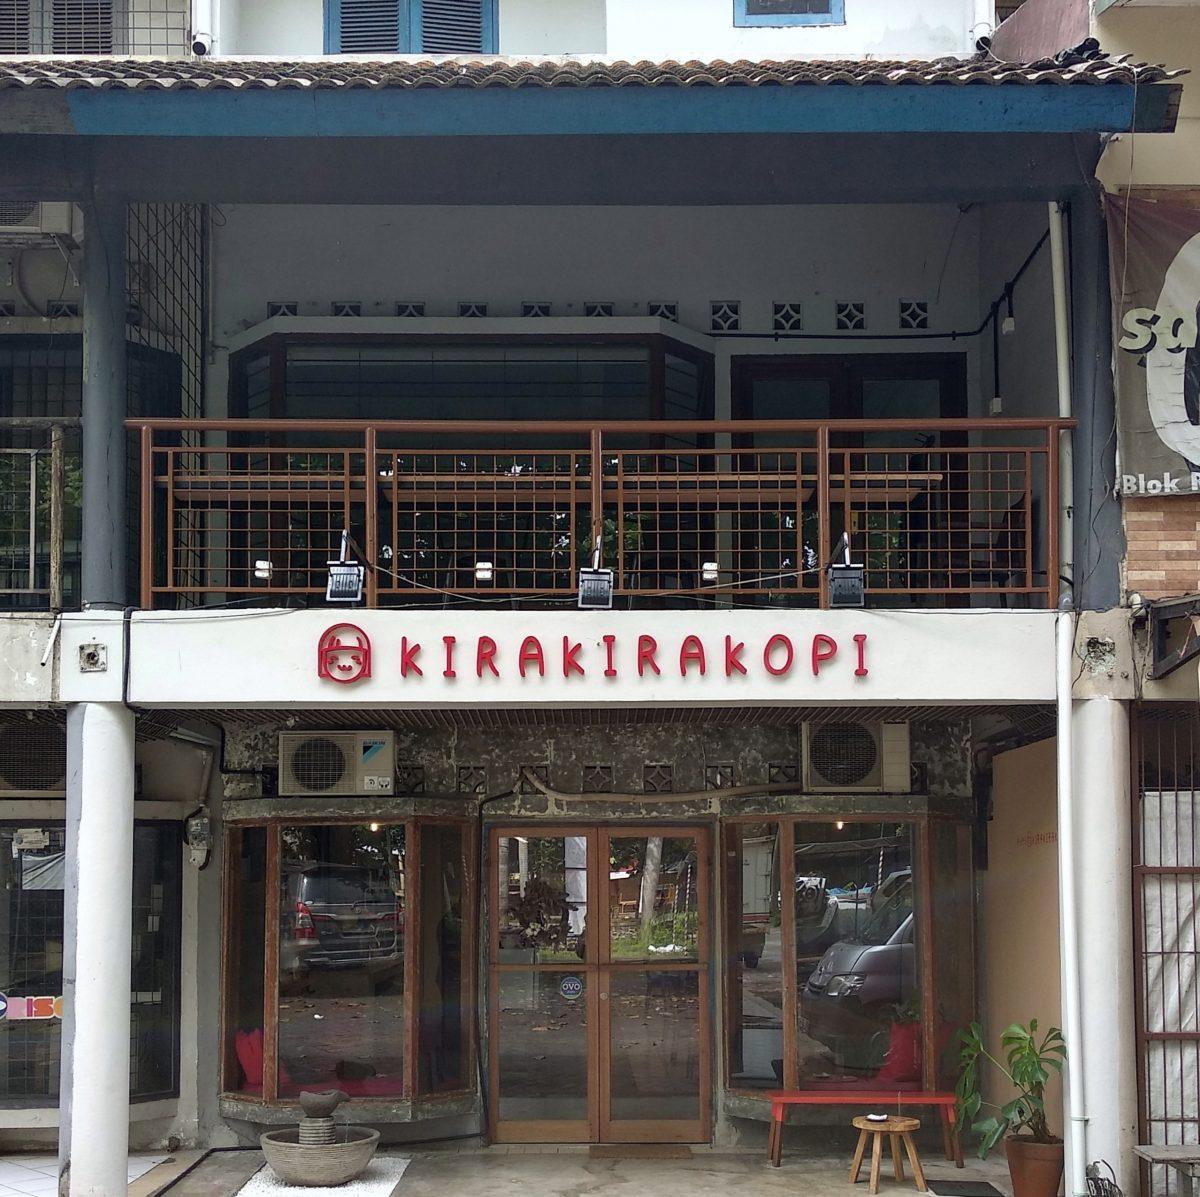 Kirakira Kopi, Cafe yang Bersahabat untuk Anak-anak